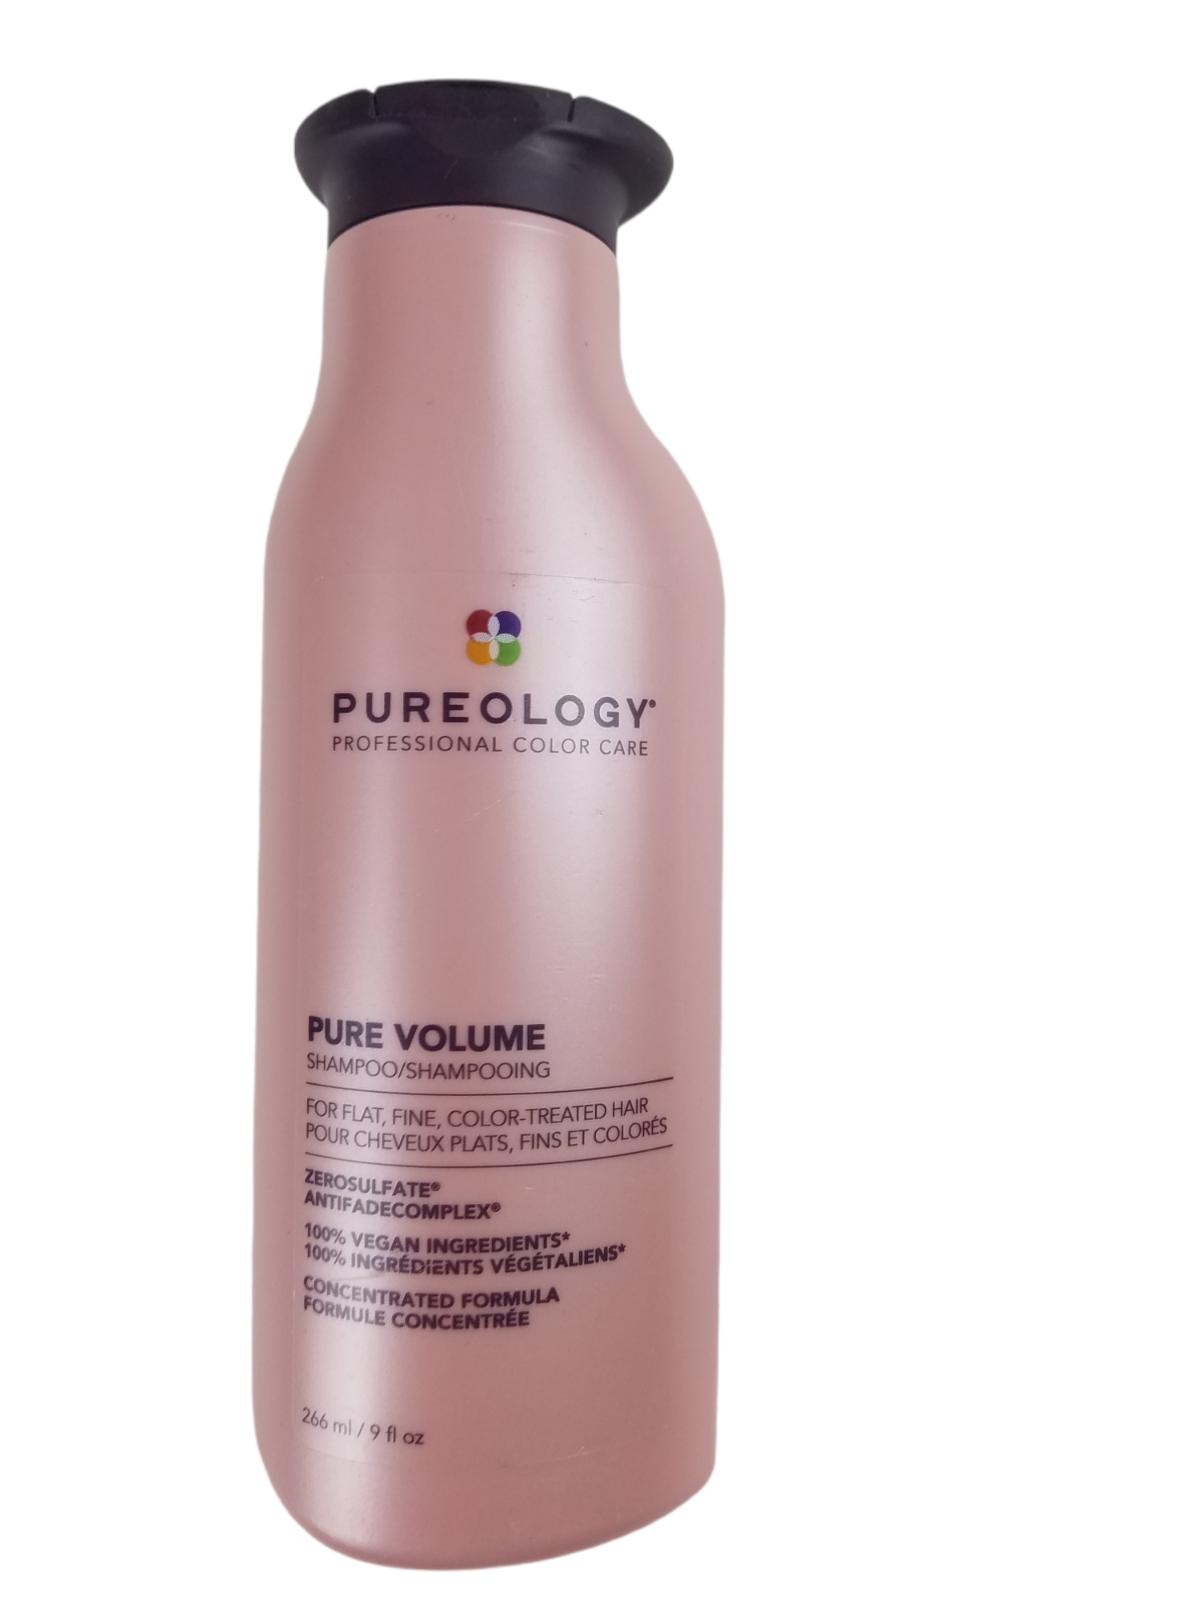 Pureology Pure Volume Shampoo - $29.70